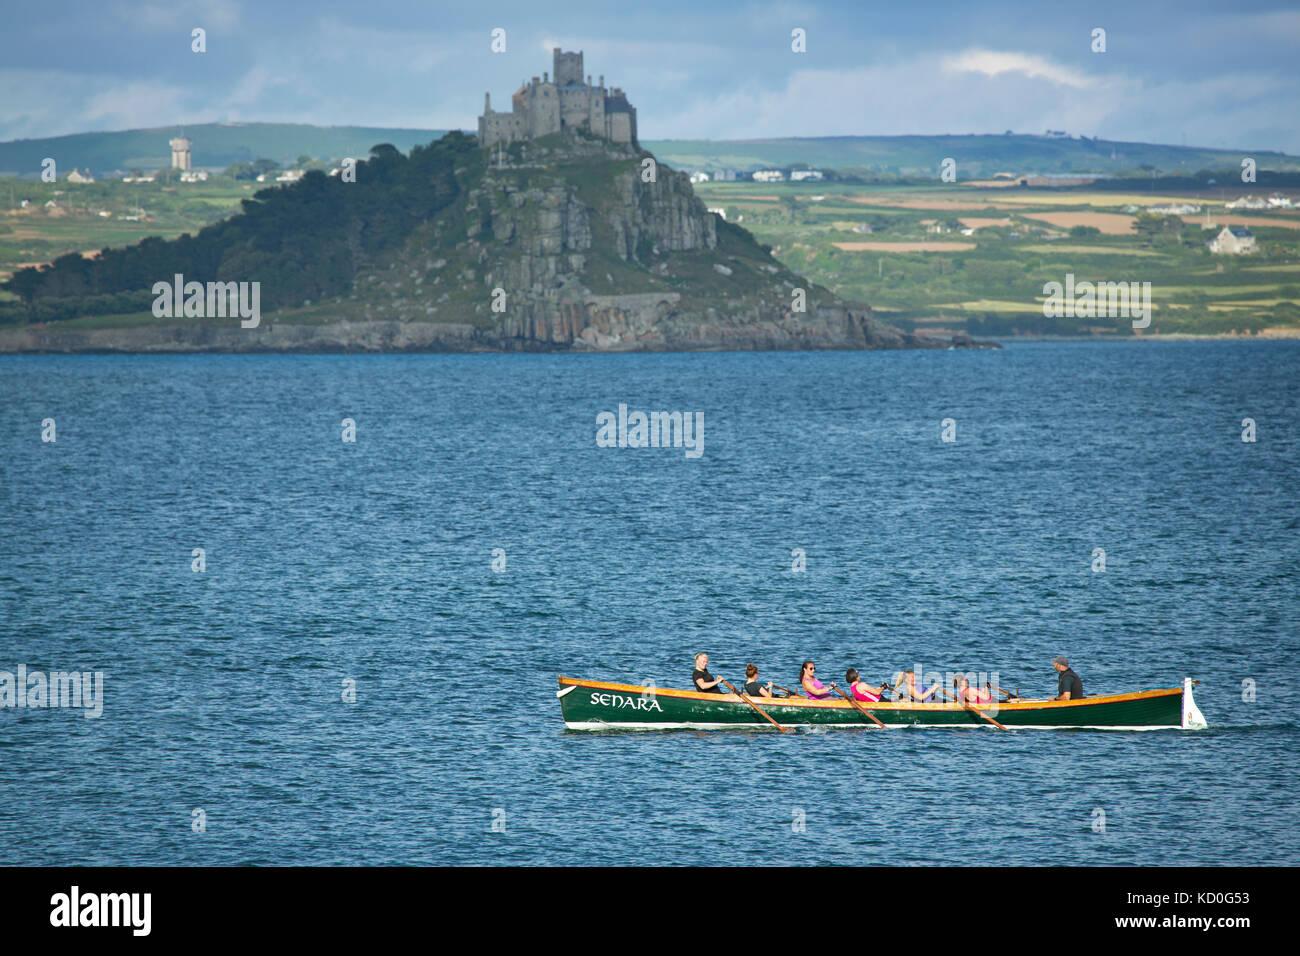 A Cornish pilot gig in Mounts bay,Penzance,England,UK - Stock Image